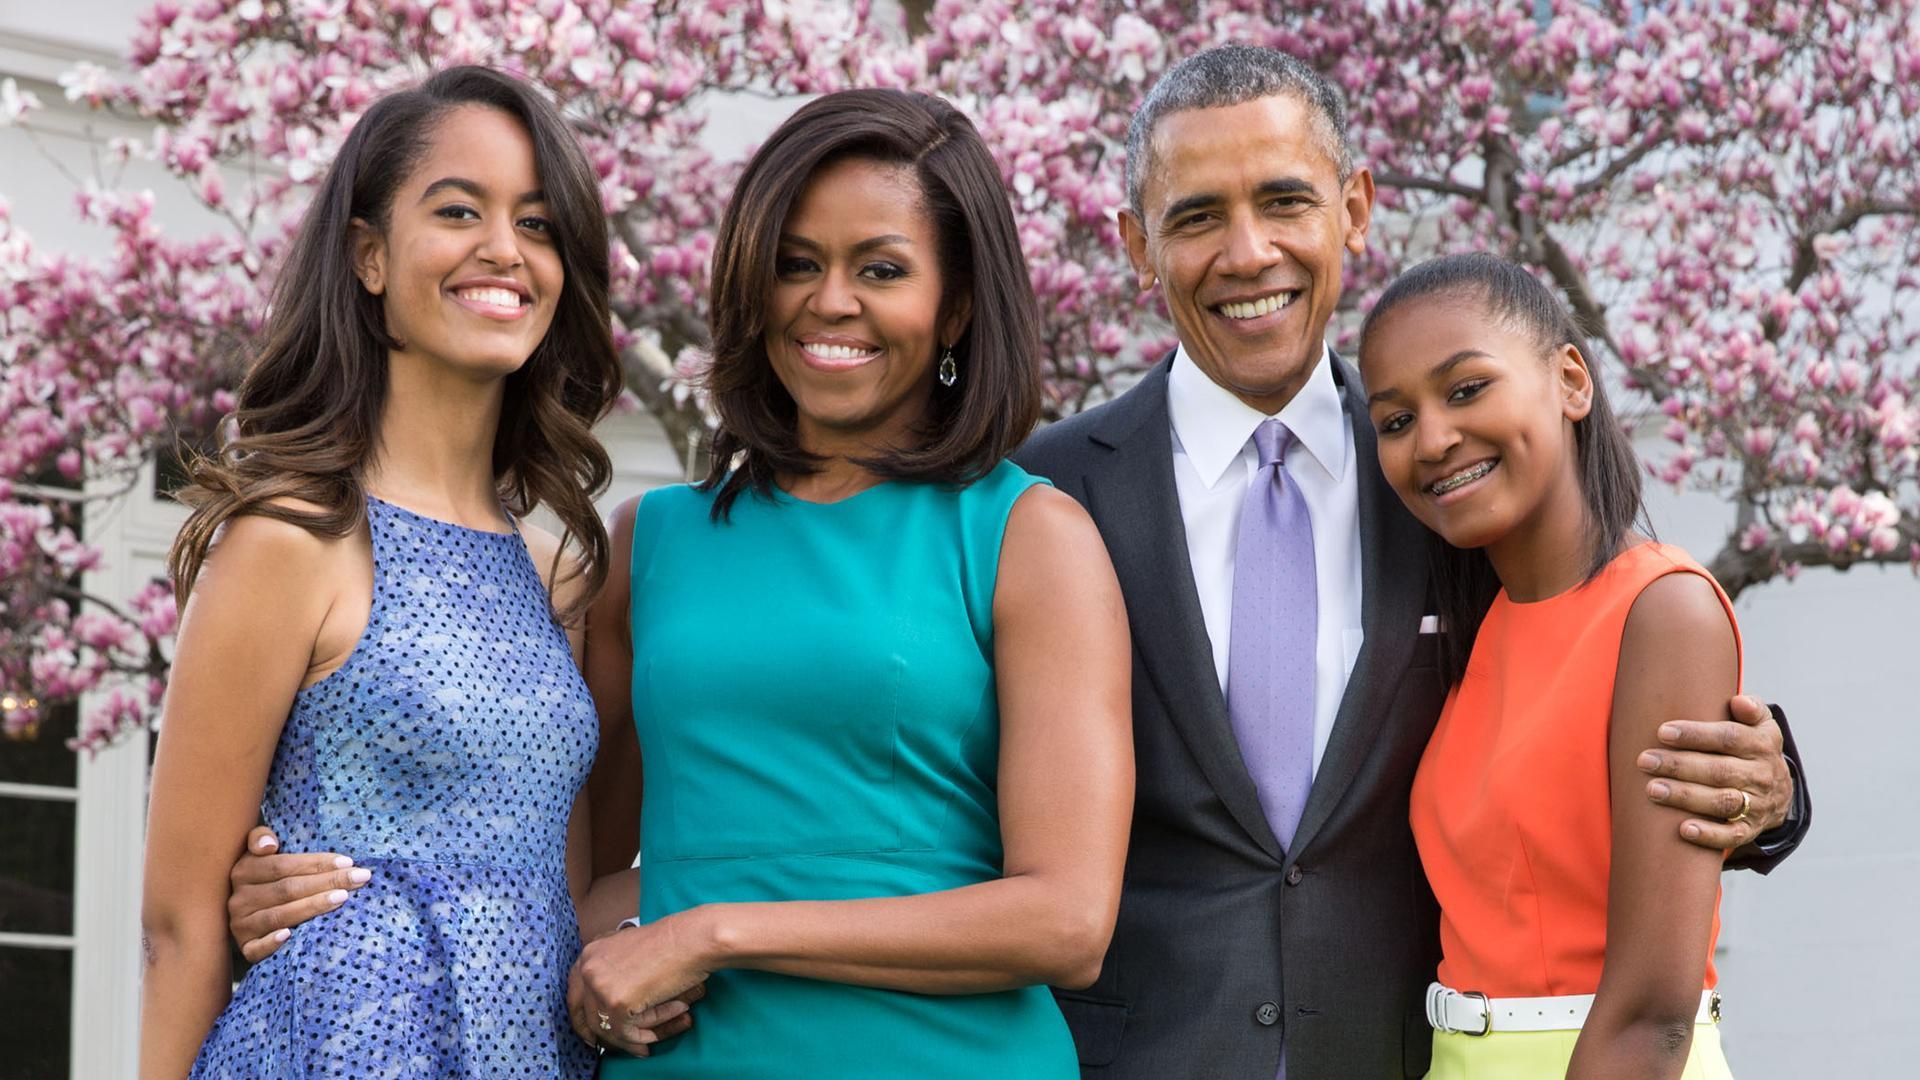 RT @MichaelSkolnik: America's First Family. The Obamas. http://t.co/jTW1WaYe2R